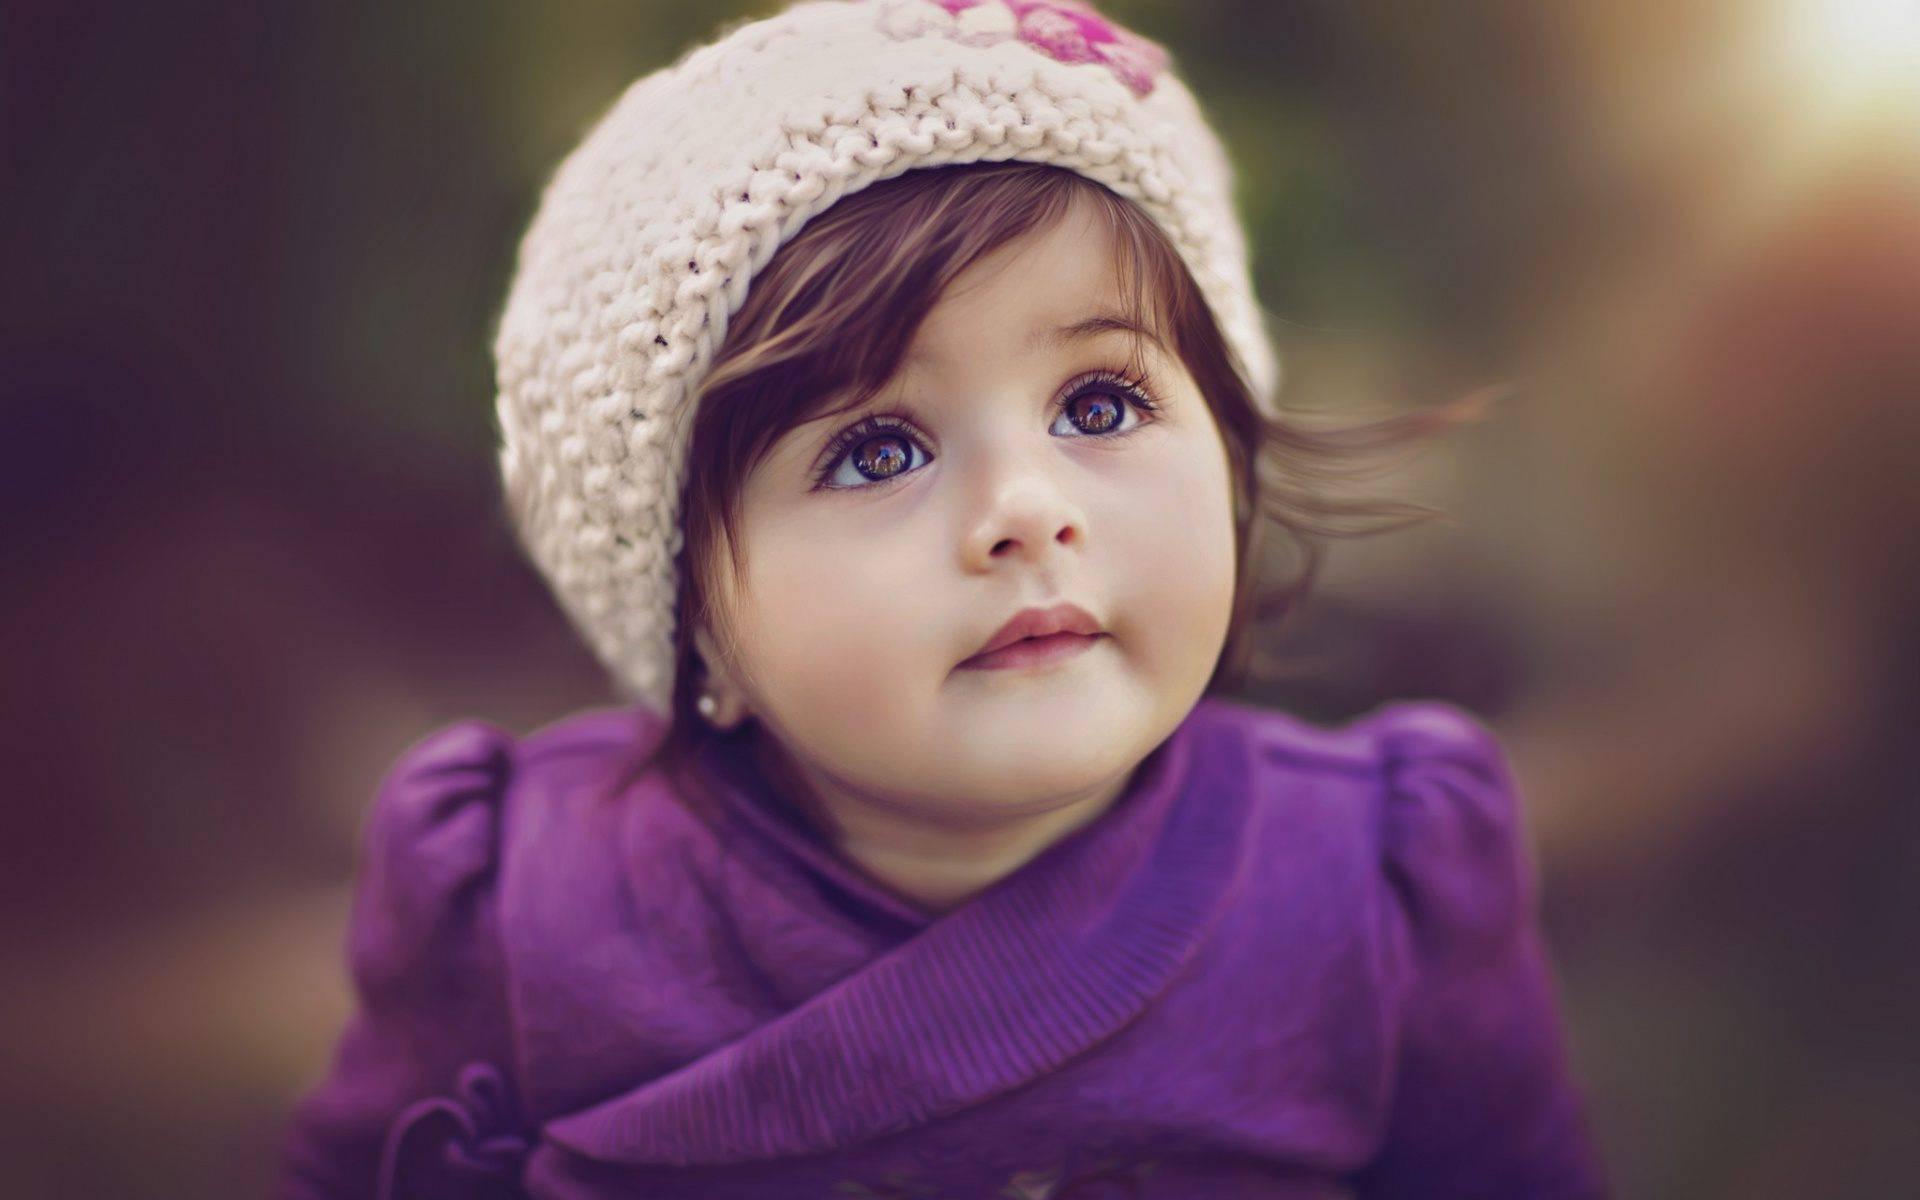 بالصور صور بنات صغار حلوين , اجمل صور عن البنات الحلوة 448 5